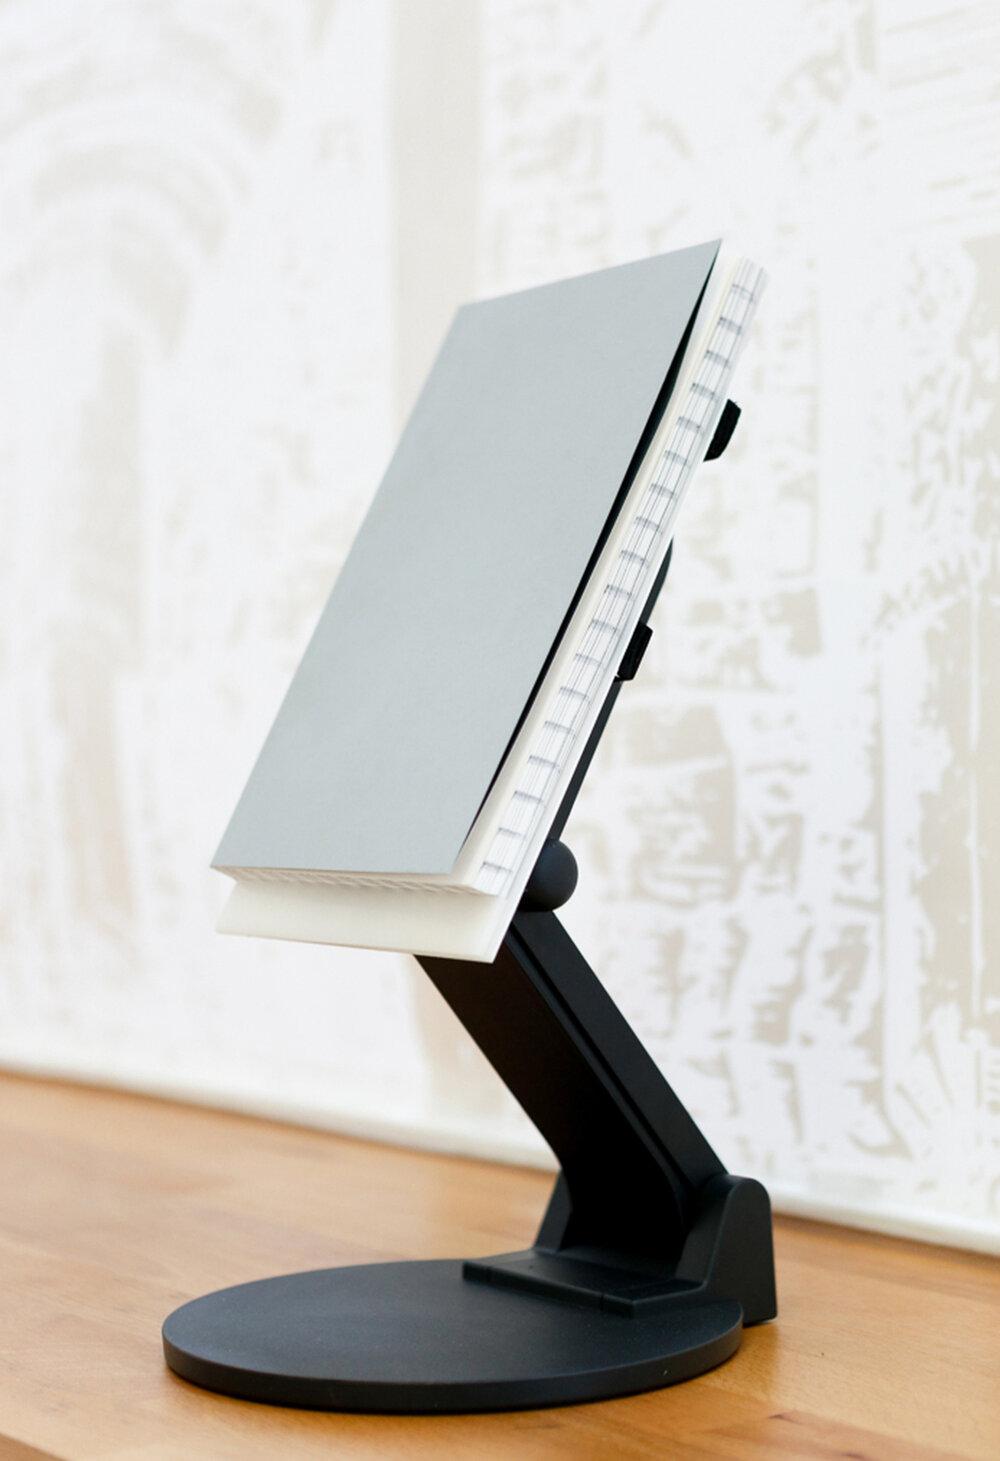 16 - Galerie Raum mit Lichtcurated byInstitut für Betrachtung